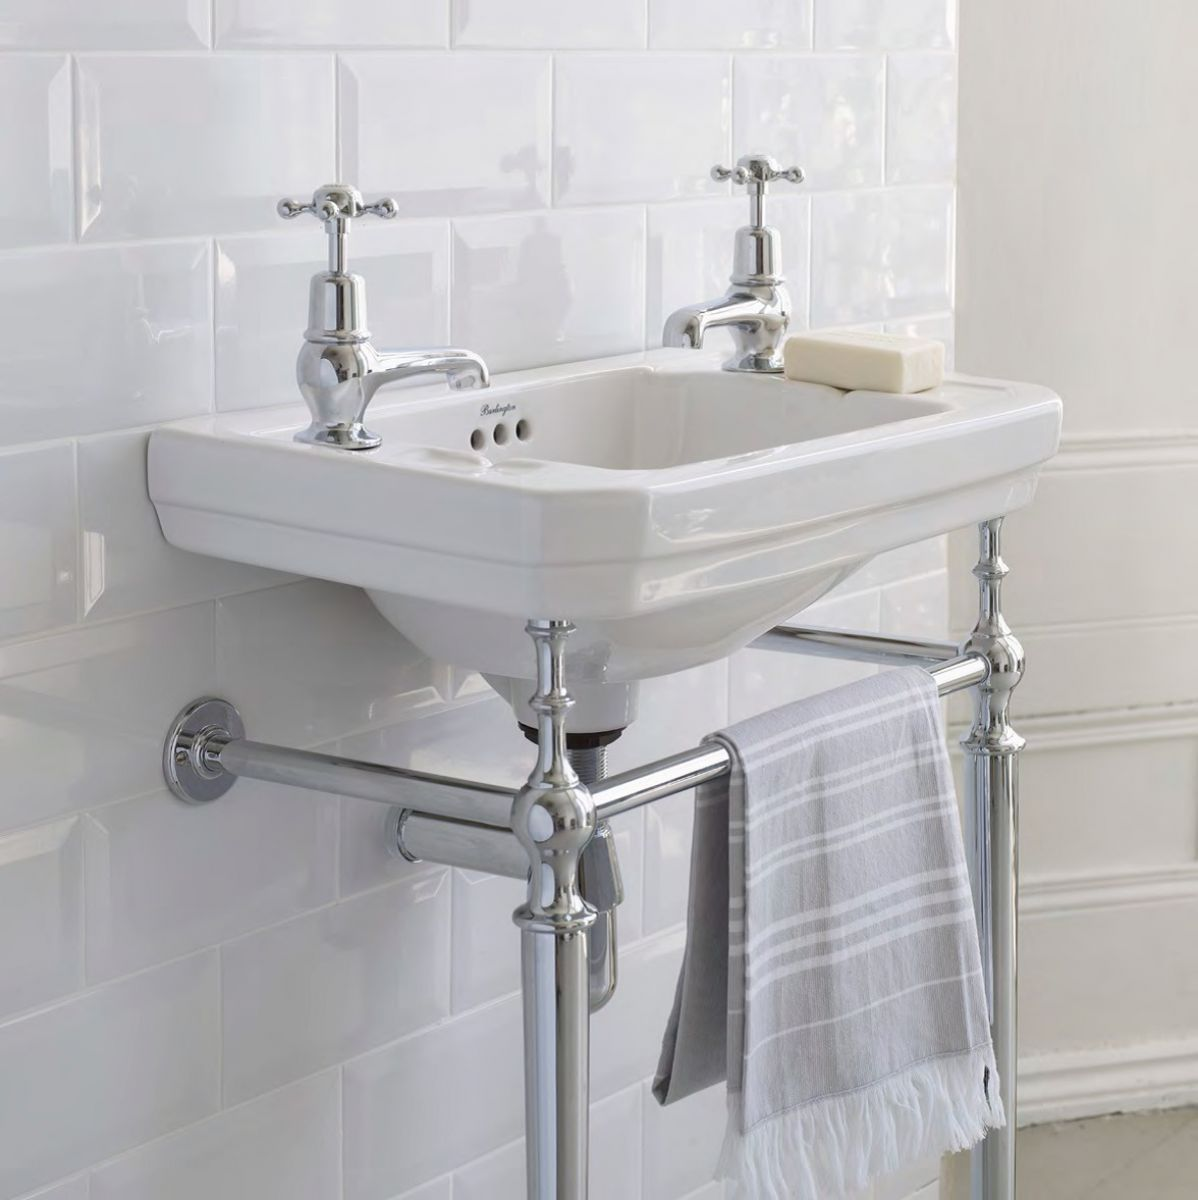 Up To 35 Off Traditional Bathroom Basins  UK Bathrooms  BATHROOM w 2019  Cloakroom basin